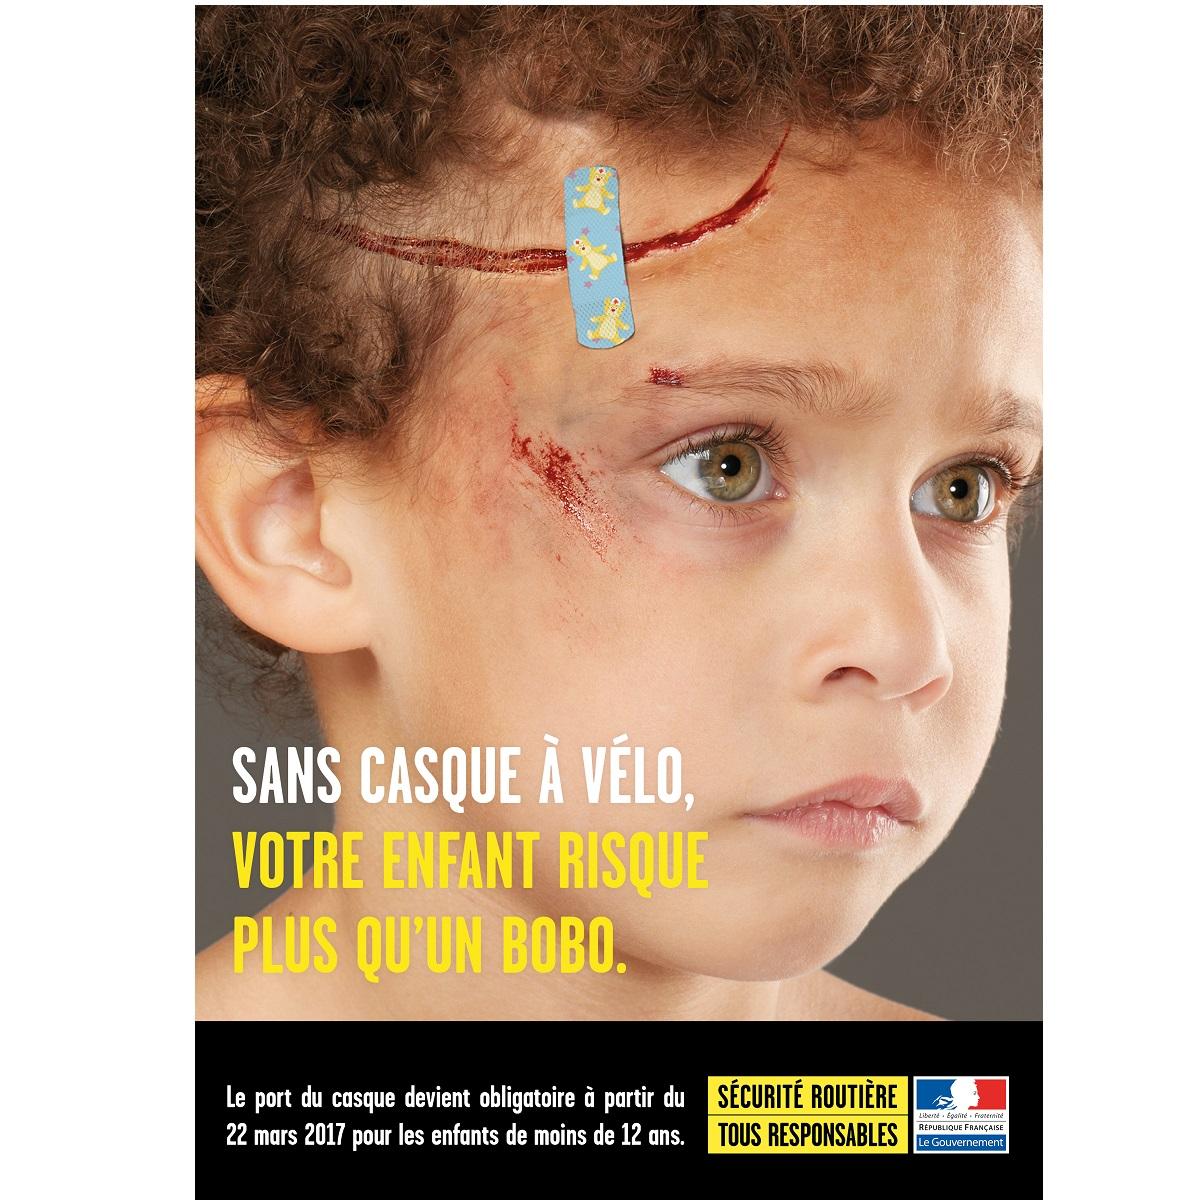 Le port du casque v lo pour les enfants de moins de 12 - Le port du casque a velo est il obligatoire ...